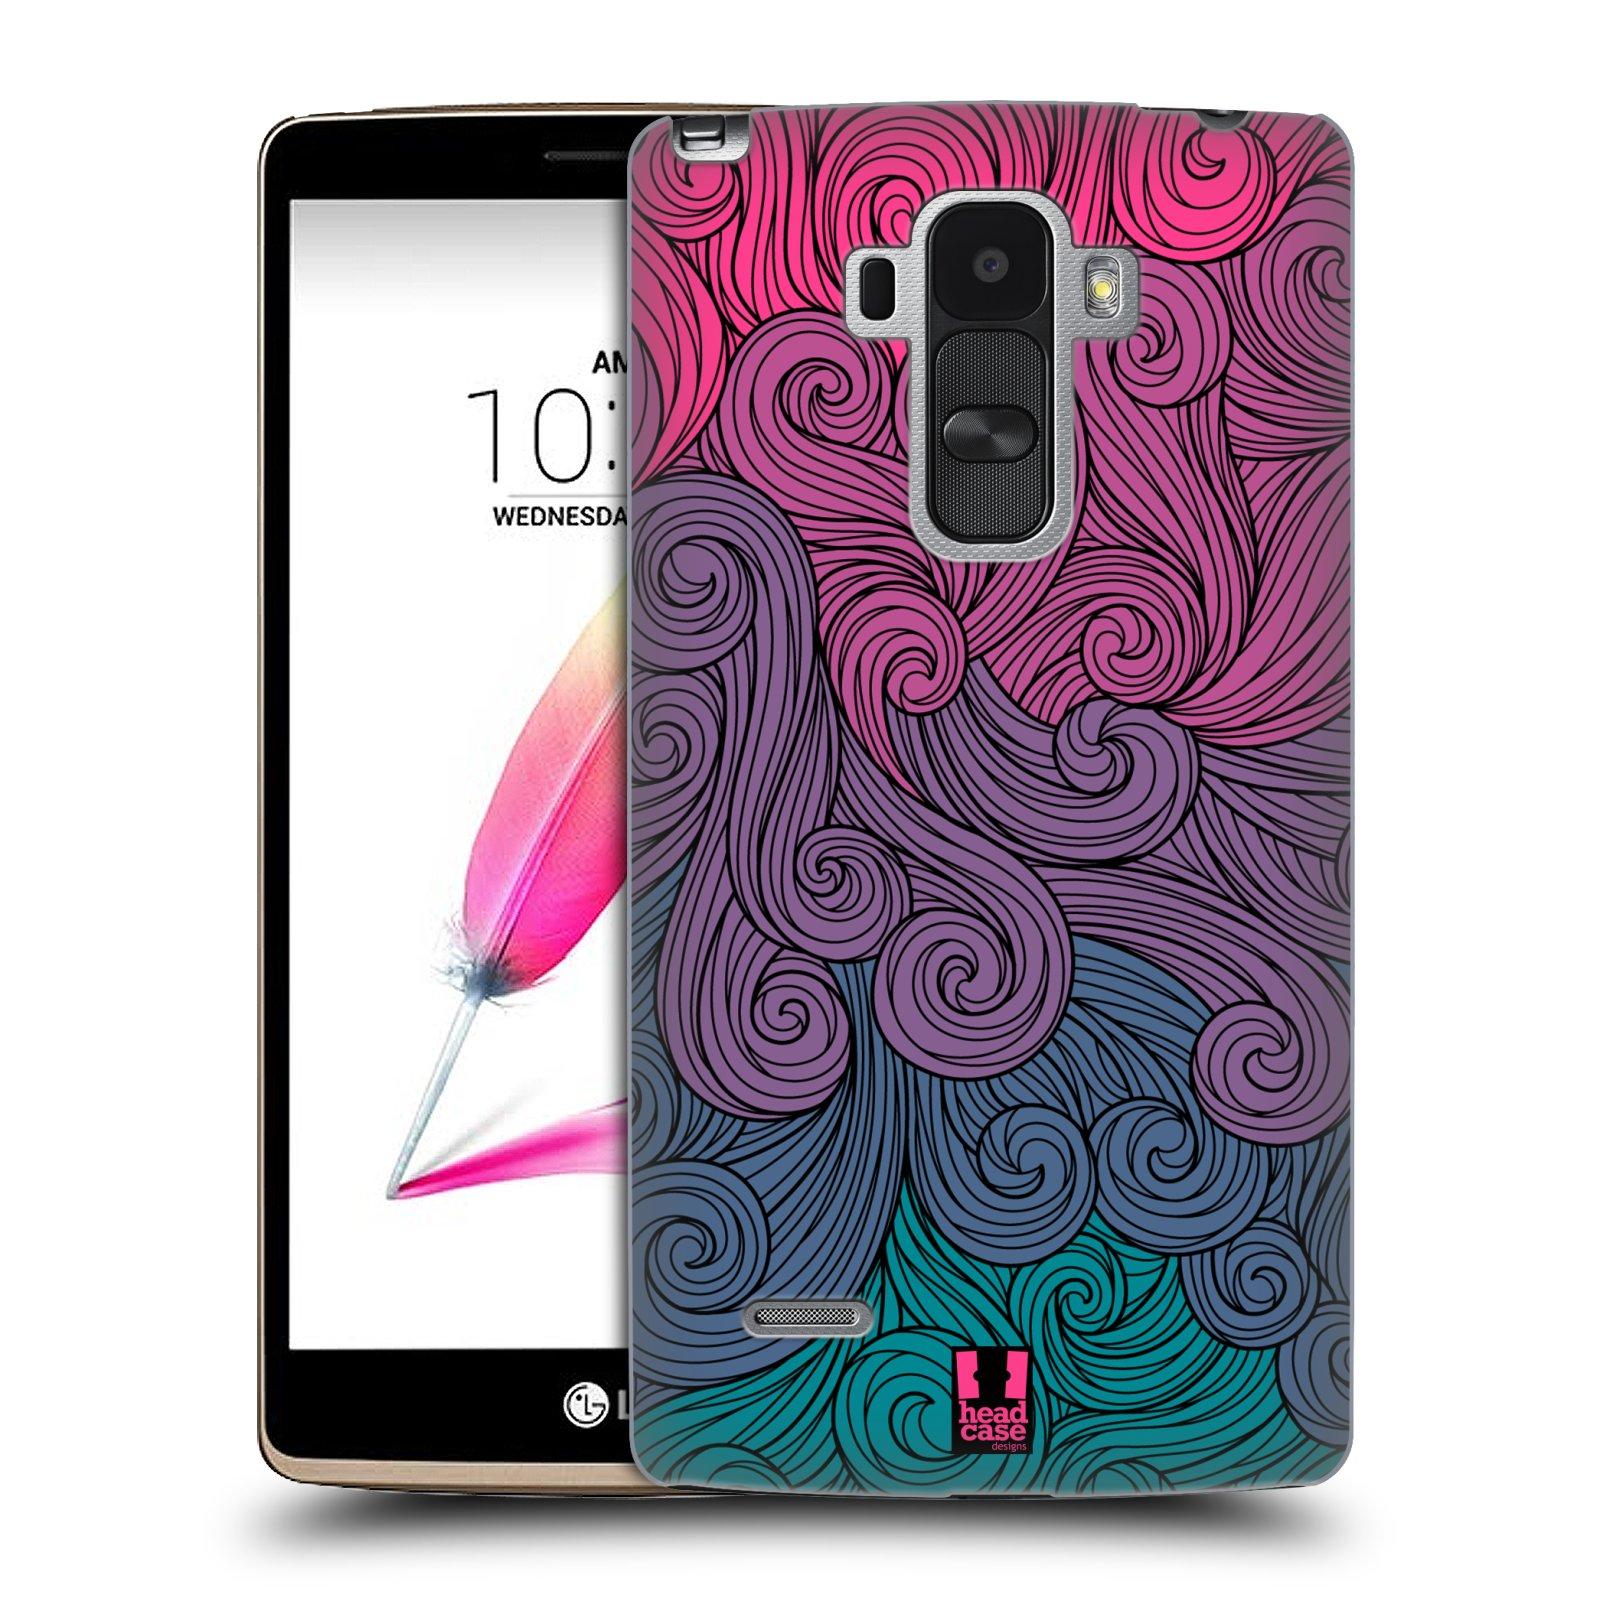 Plastové pouzdro na mobil LG G4 Stylus HEAD CASE Swirls Hot Pink (Kryt či obal na mobilní telefon LG G4 Stylus H635)